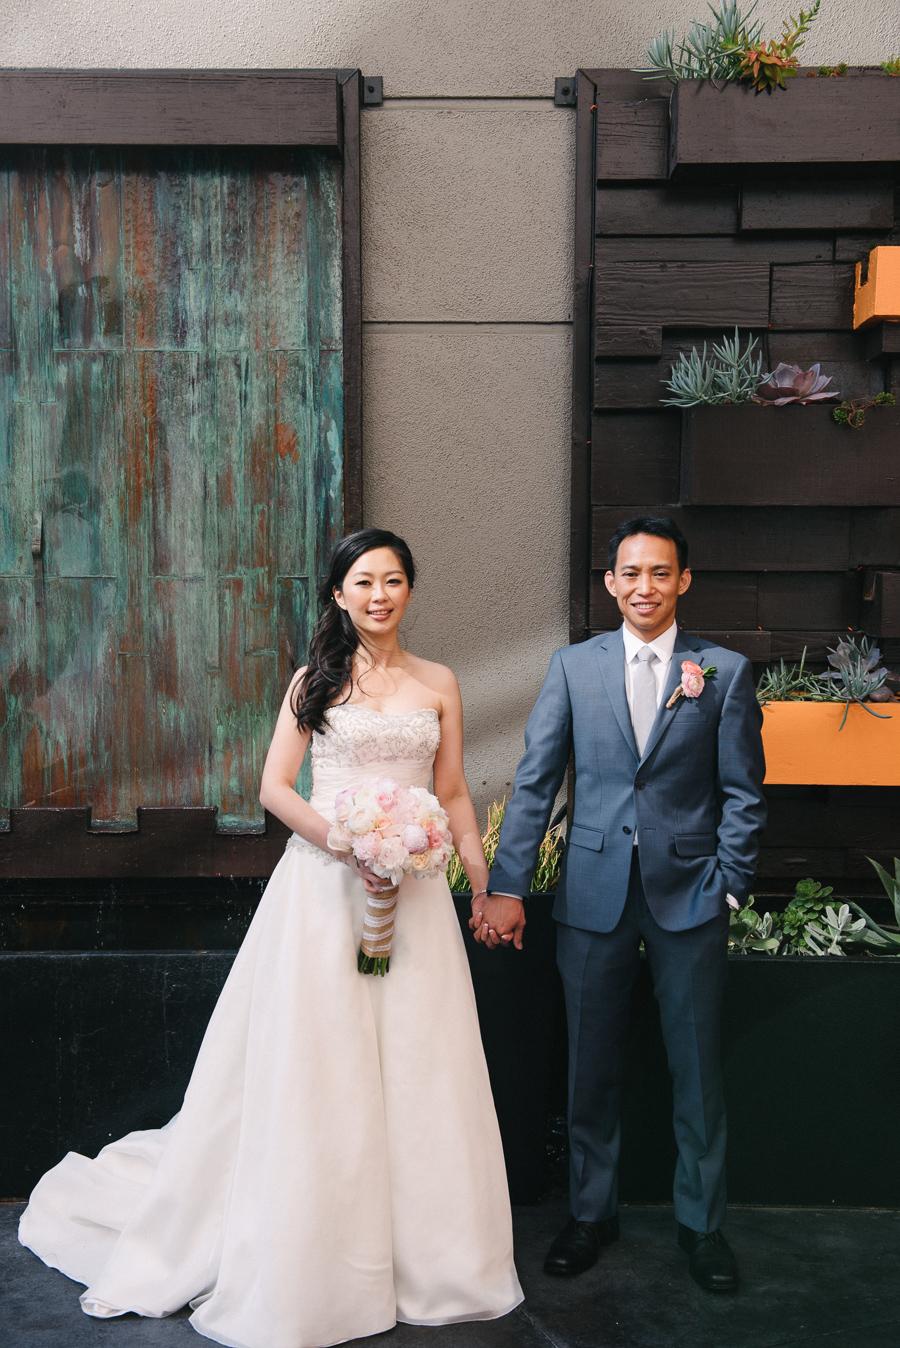 Мария кравец и ее муж фото свадьба